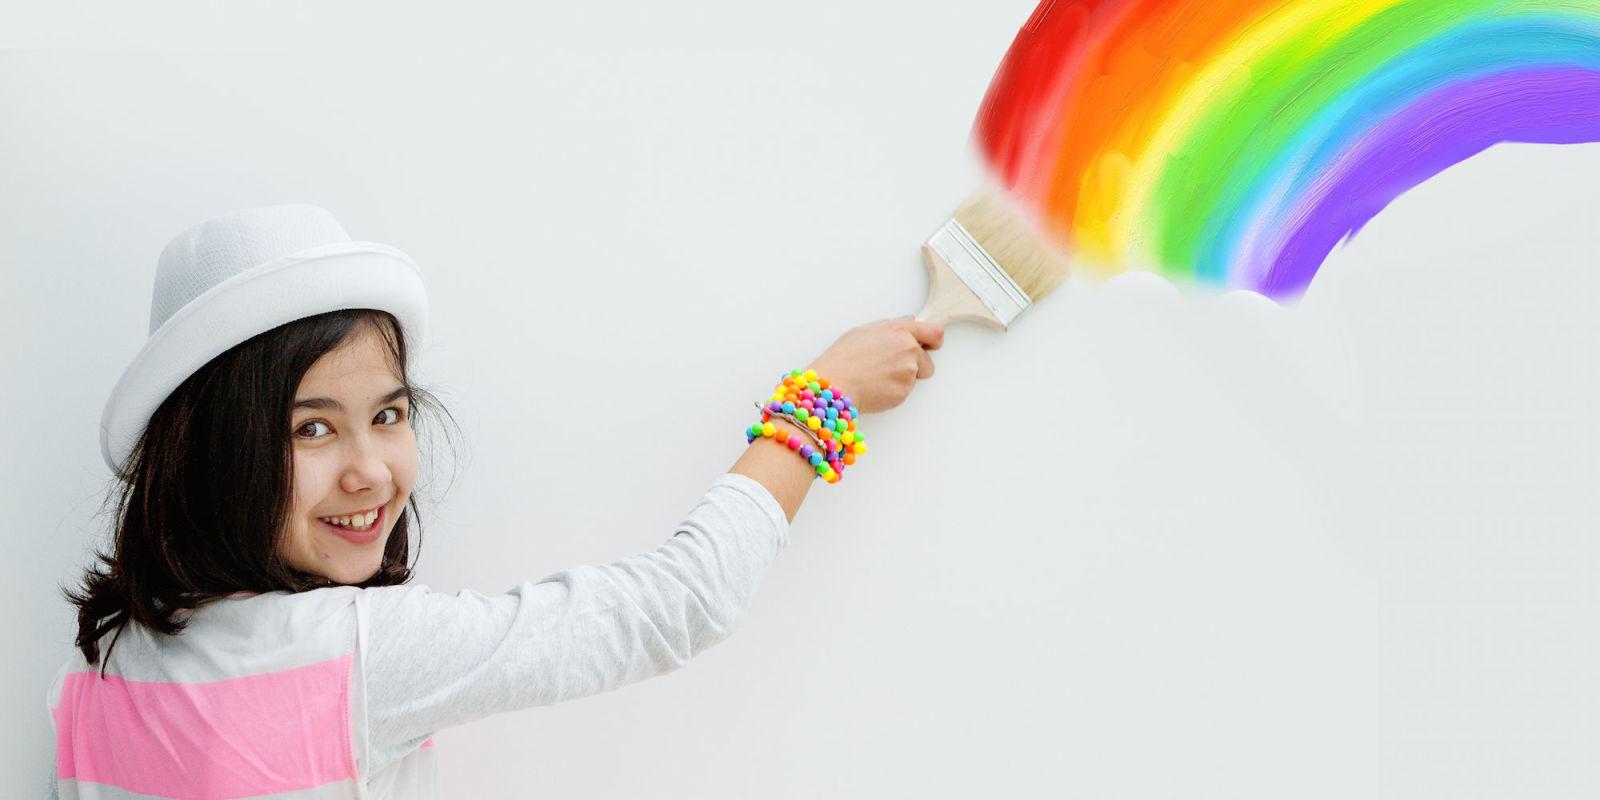 Lavoretti per bambini idee - Idee per lavoro da casa ...